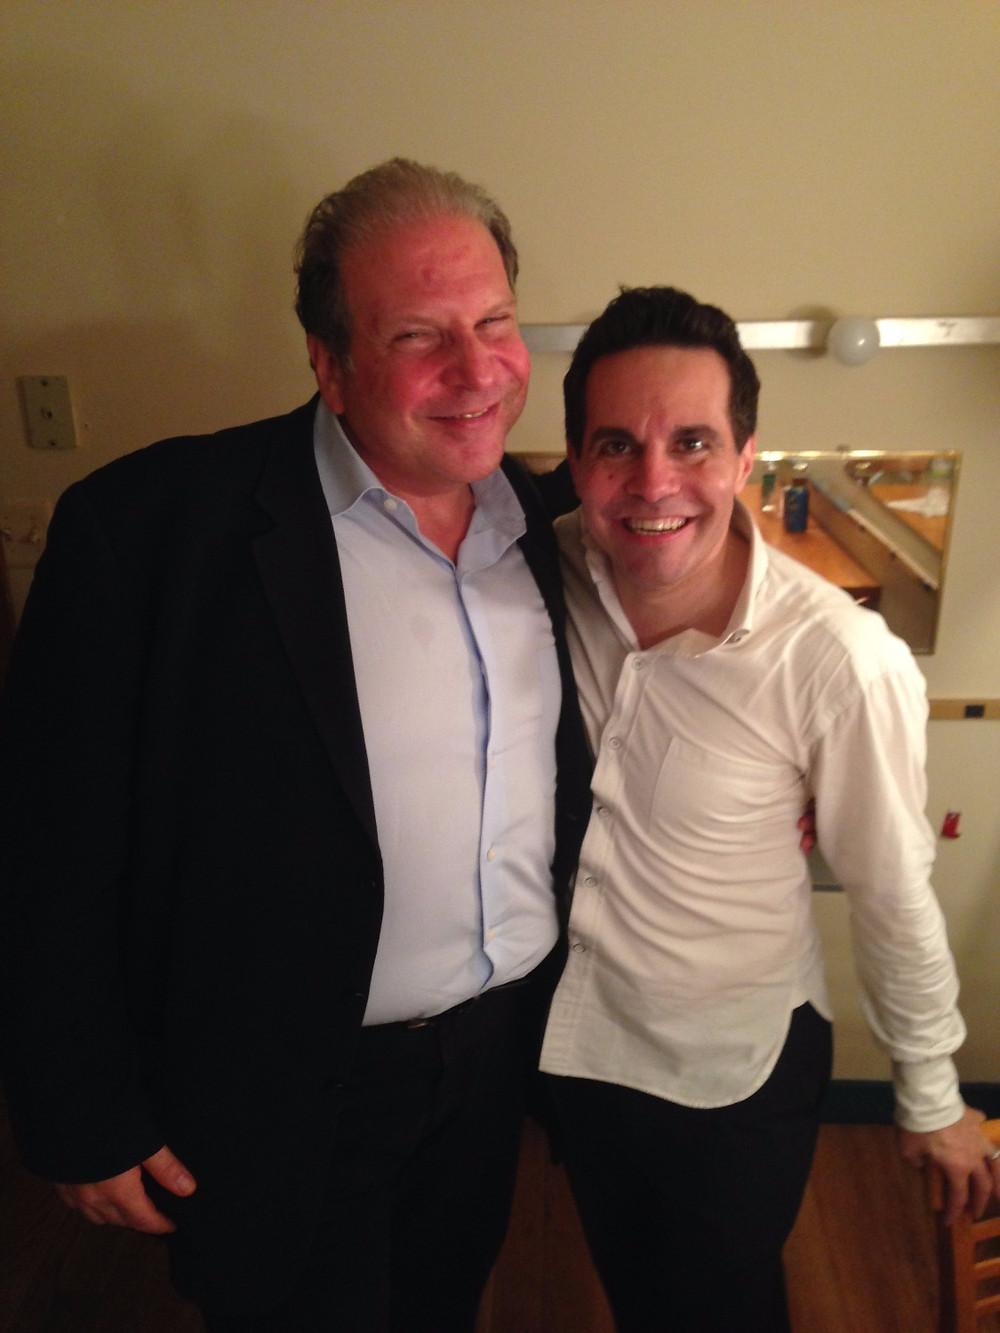 Eddie Brill and Mario Cantone